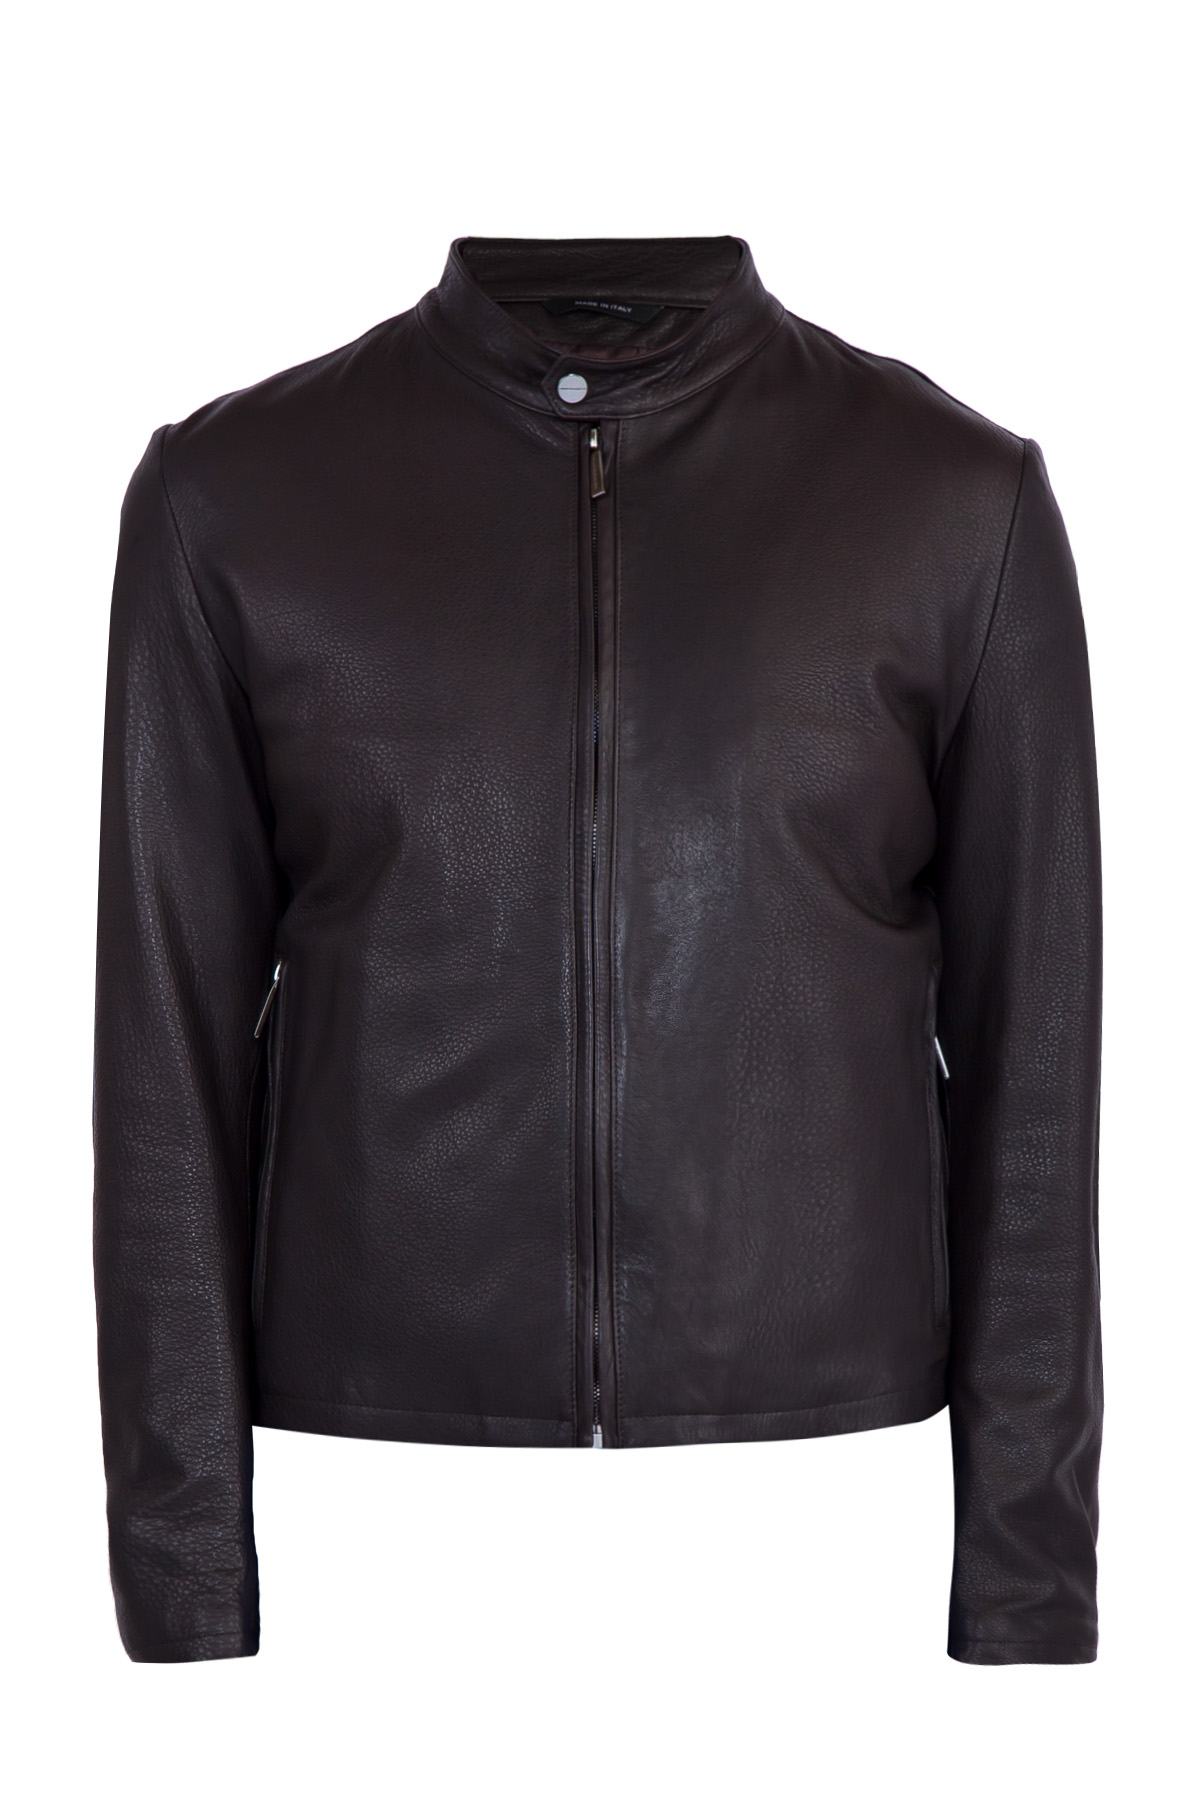 Фото #1: куртка